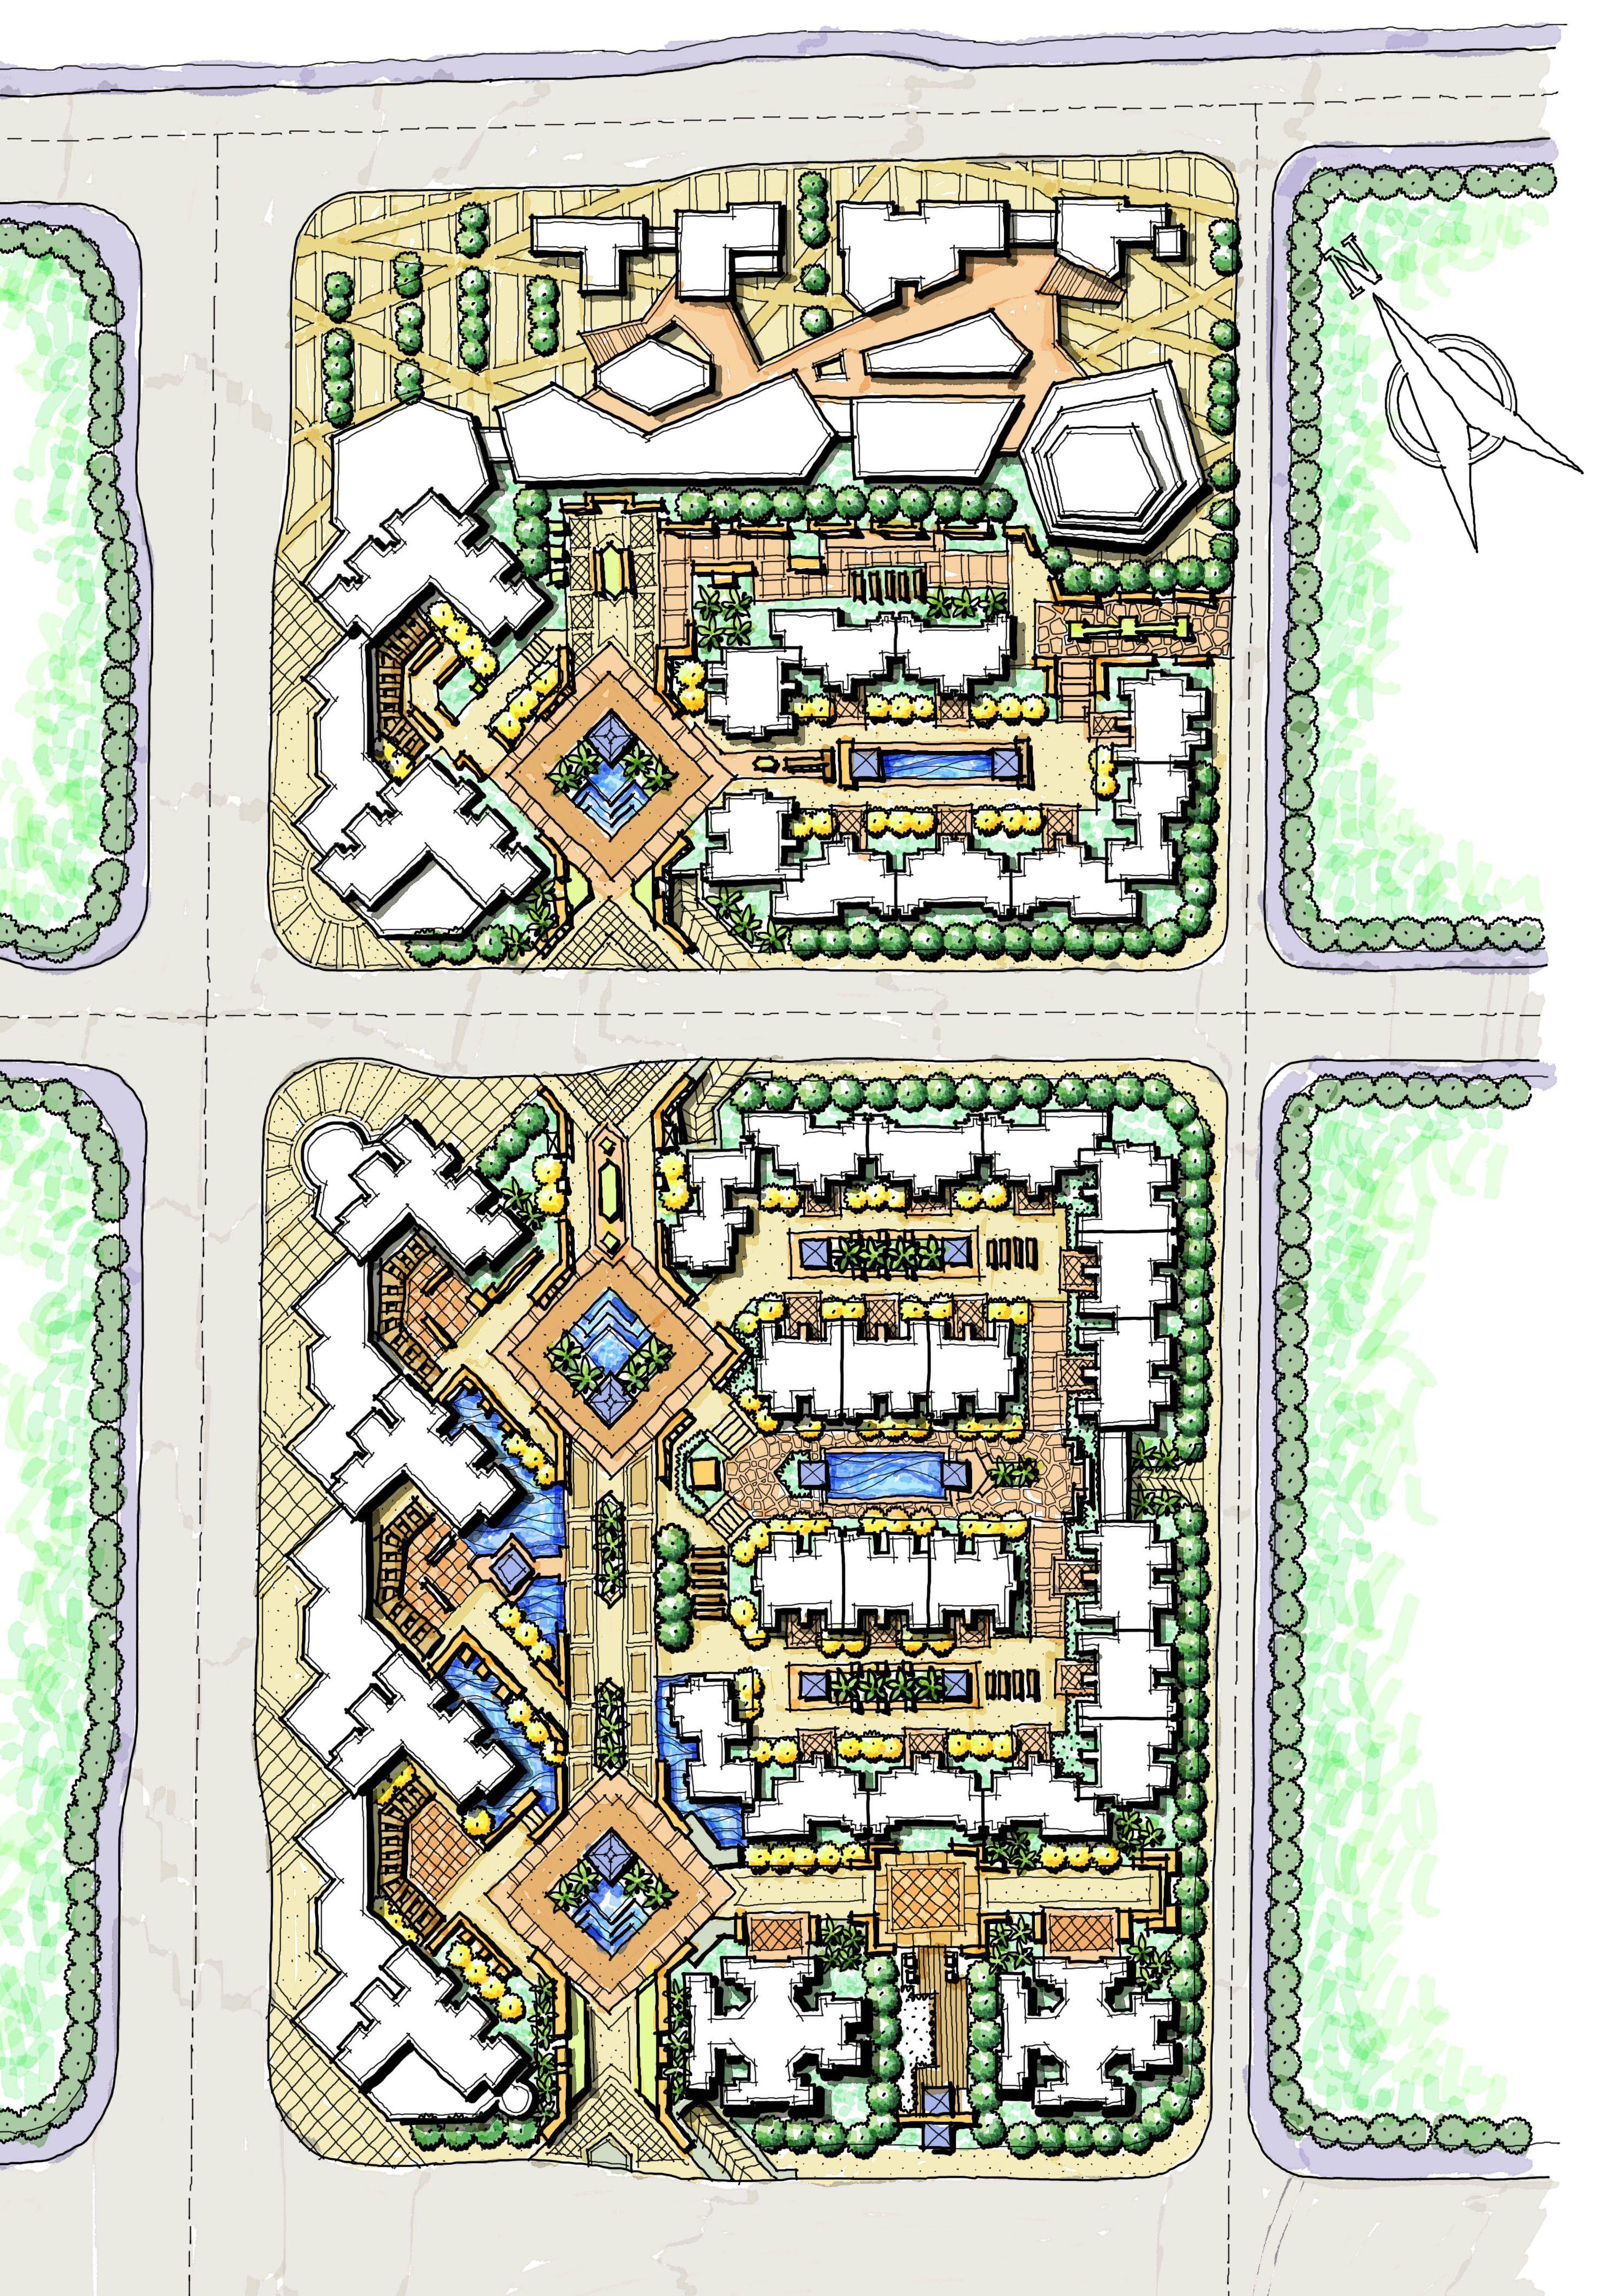 Residential Landscape Landscape Design Mix Use Landscape Commercial Landscape Landscape Master Plan Fr Landscape Design Plans Master Plan Landscape Design